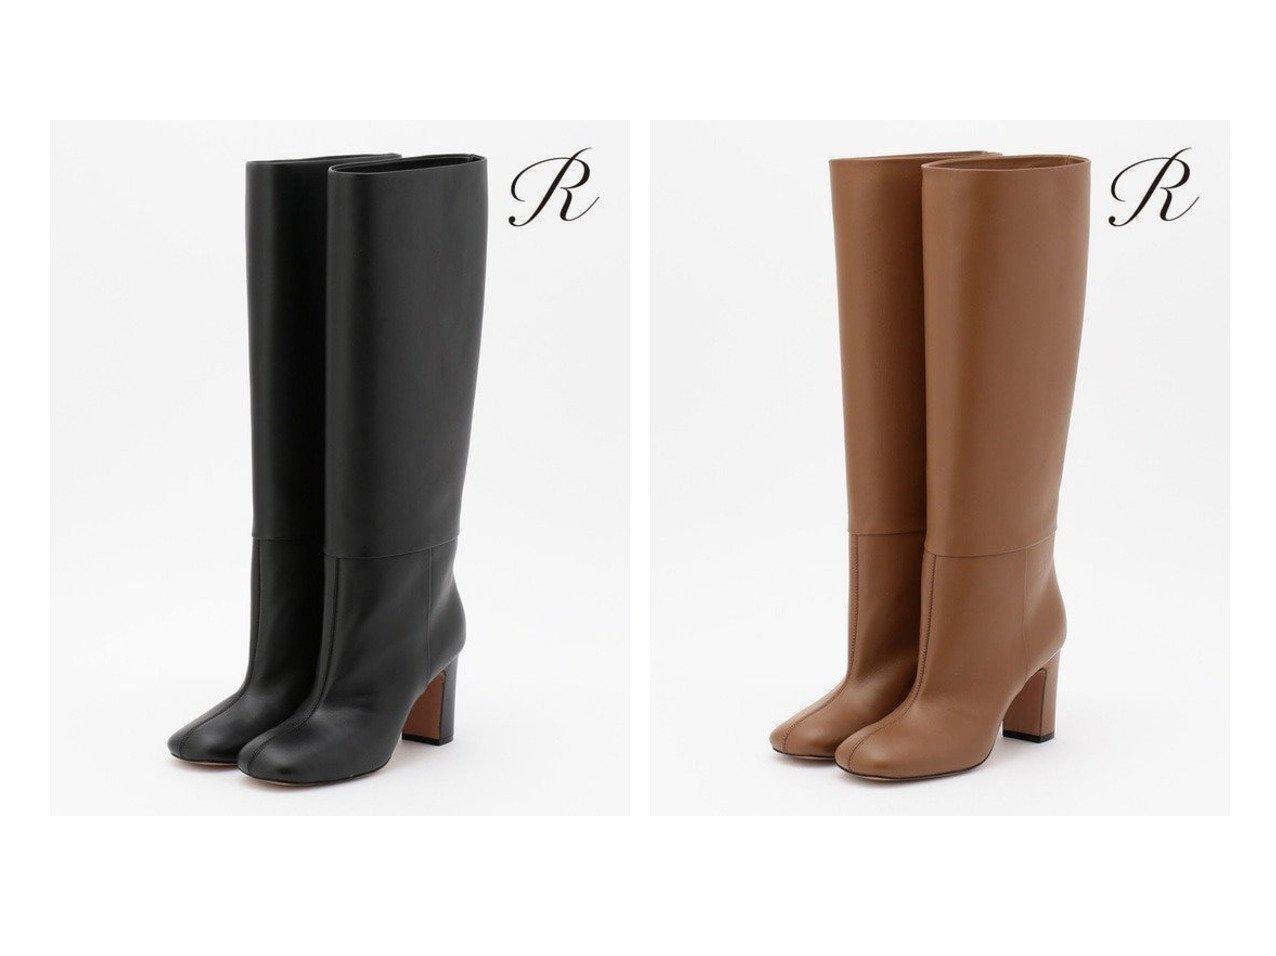 【NIJYUSANKU/23区】の【R(アール)】CHUNKY ロング ブーツ シューズ・靴のおすすめ!人気、トレンド・レディースファッションの通販  おすすめで人気の流行・トレンド、ファッションの通販商品 メンズファッション・キッズファッション・インテリア・家具・レディースファッション・服の通販 founy(ファニー) https://founy.com/ ファッション Fashion レディースファッション WOMEN 送料無料 Free Shipping 2020年 2020 2020-2021 秋冬 A/W AW Autumn/Winter / FW Fall-Winter 2020-2021 スペシャル ベーシック ミドル ロング 人気 冬 Winter 秋 Autumn/Fall A/W 秋冬 AW Autumn/Winter / FW Fall-Winter |ID:crp329100000010817